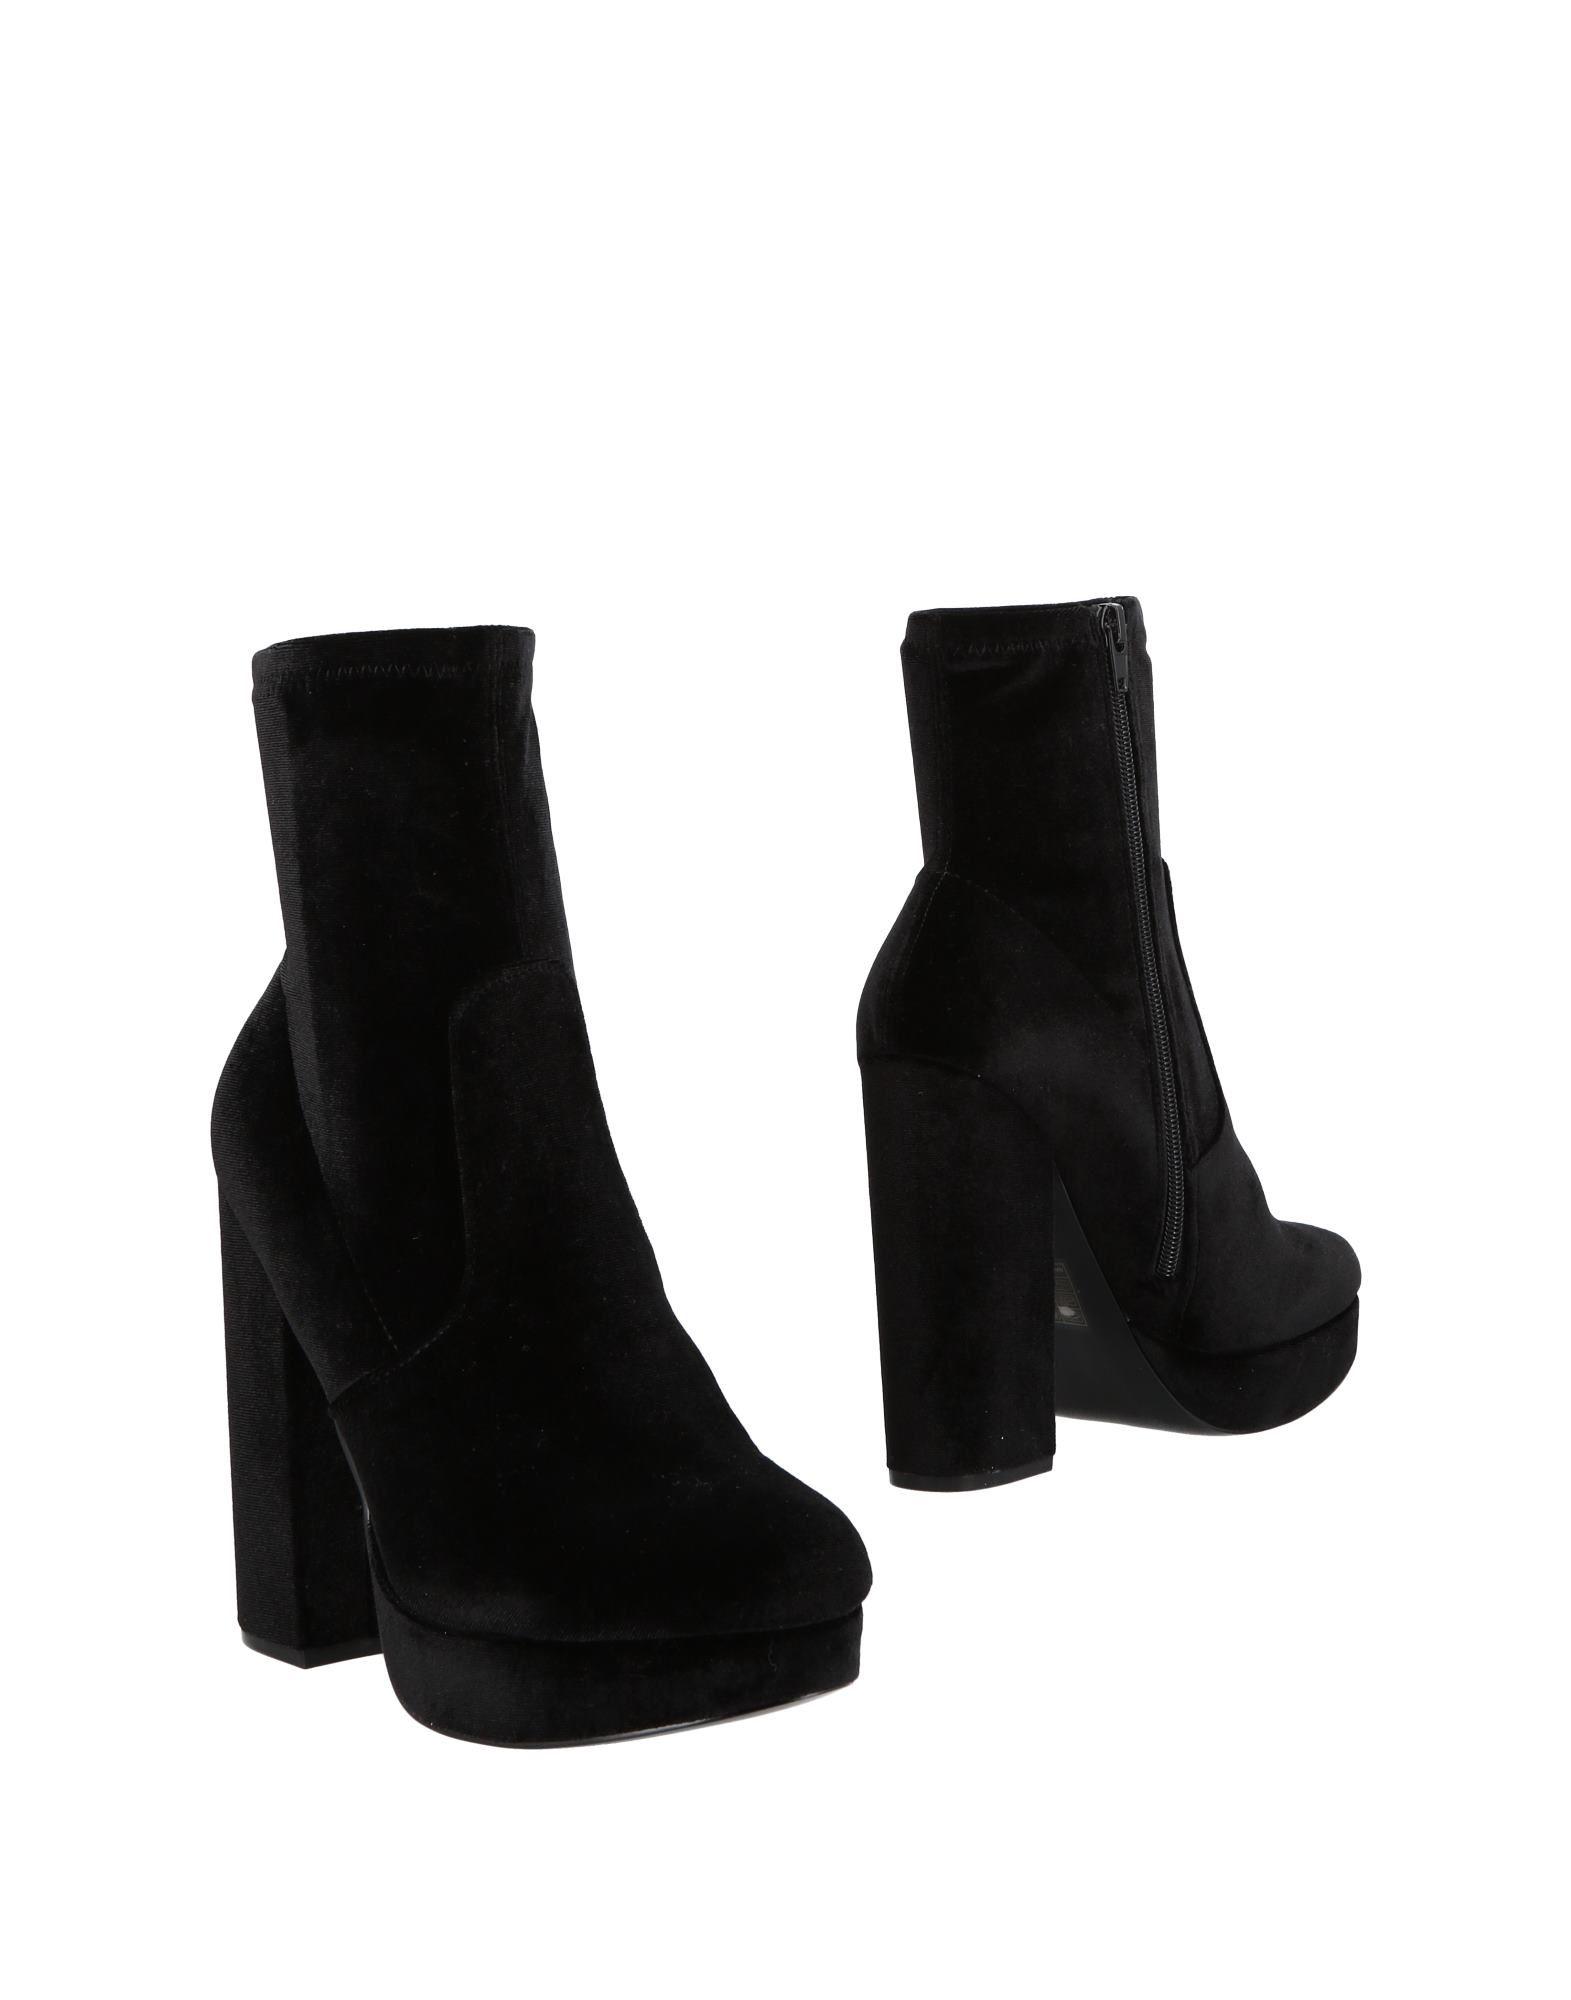 Steve Madden Ankle Boot - Women Steve on Madden Ankle Boots online on Steve  Australia - 11484122UH 661130